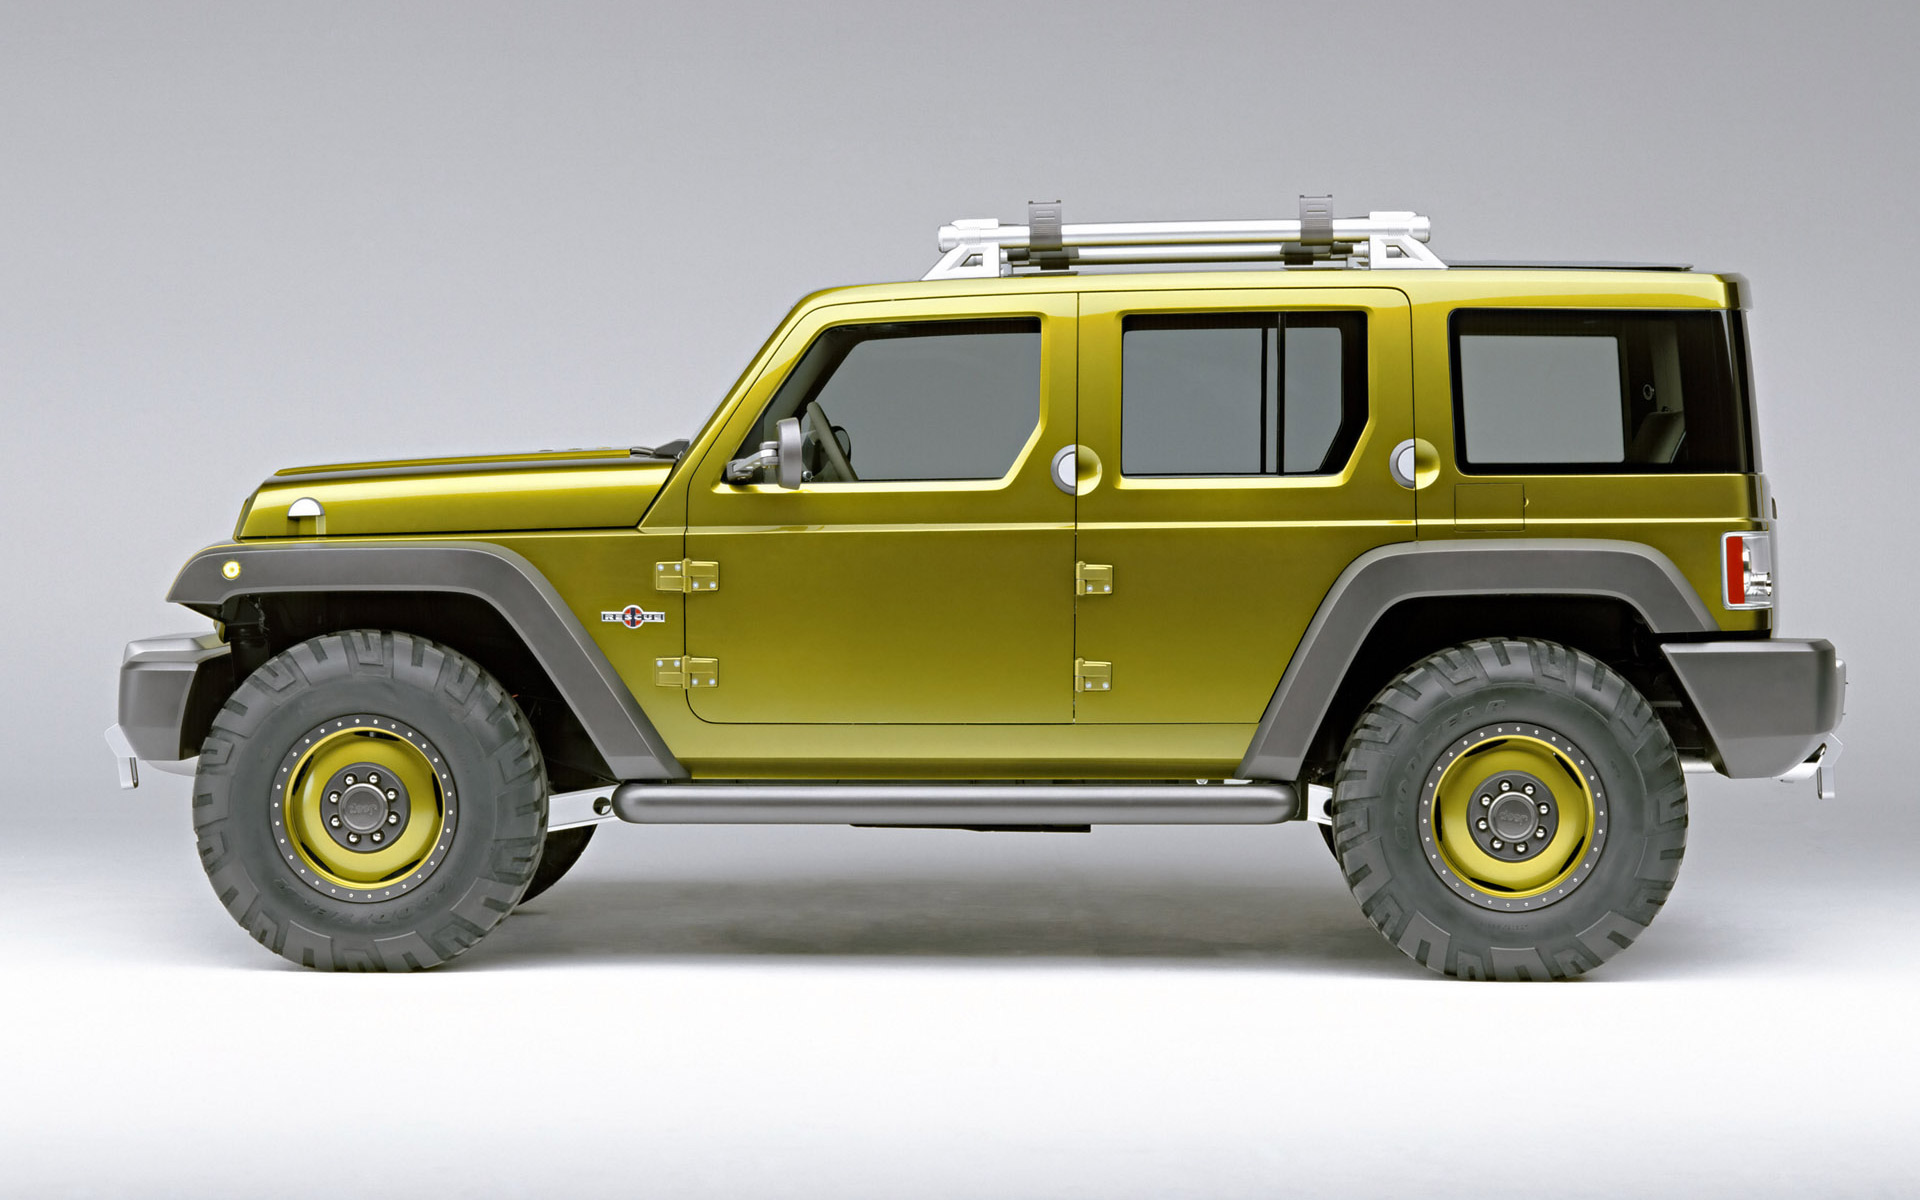 Jeep Concept Truck Rescue Wallpaper For Windows